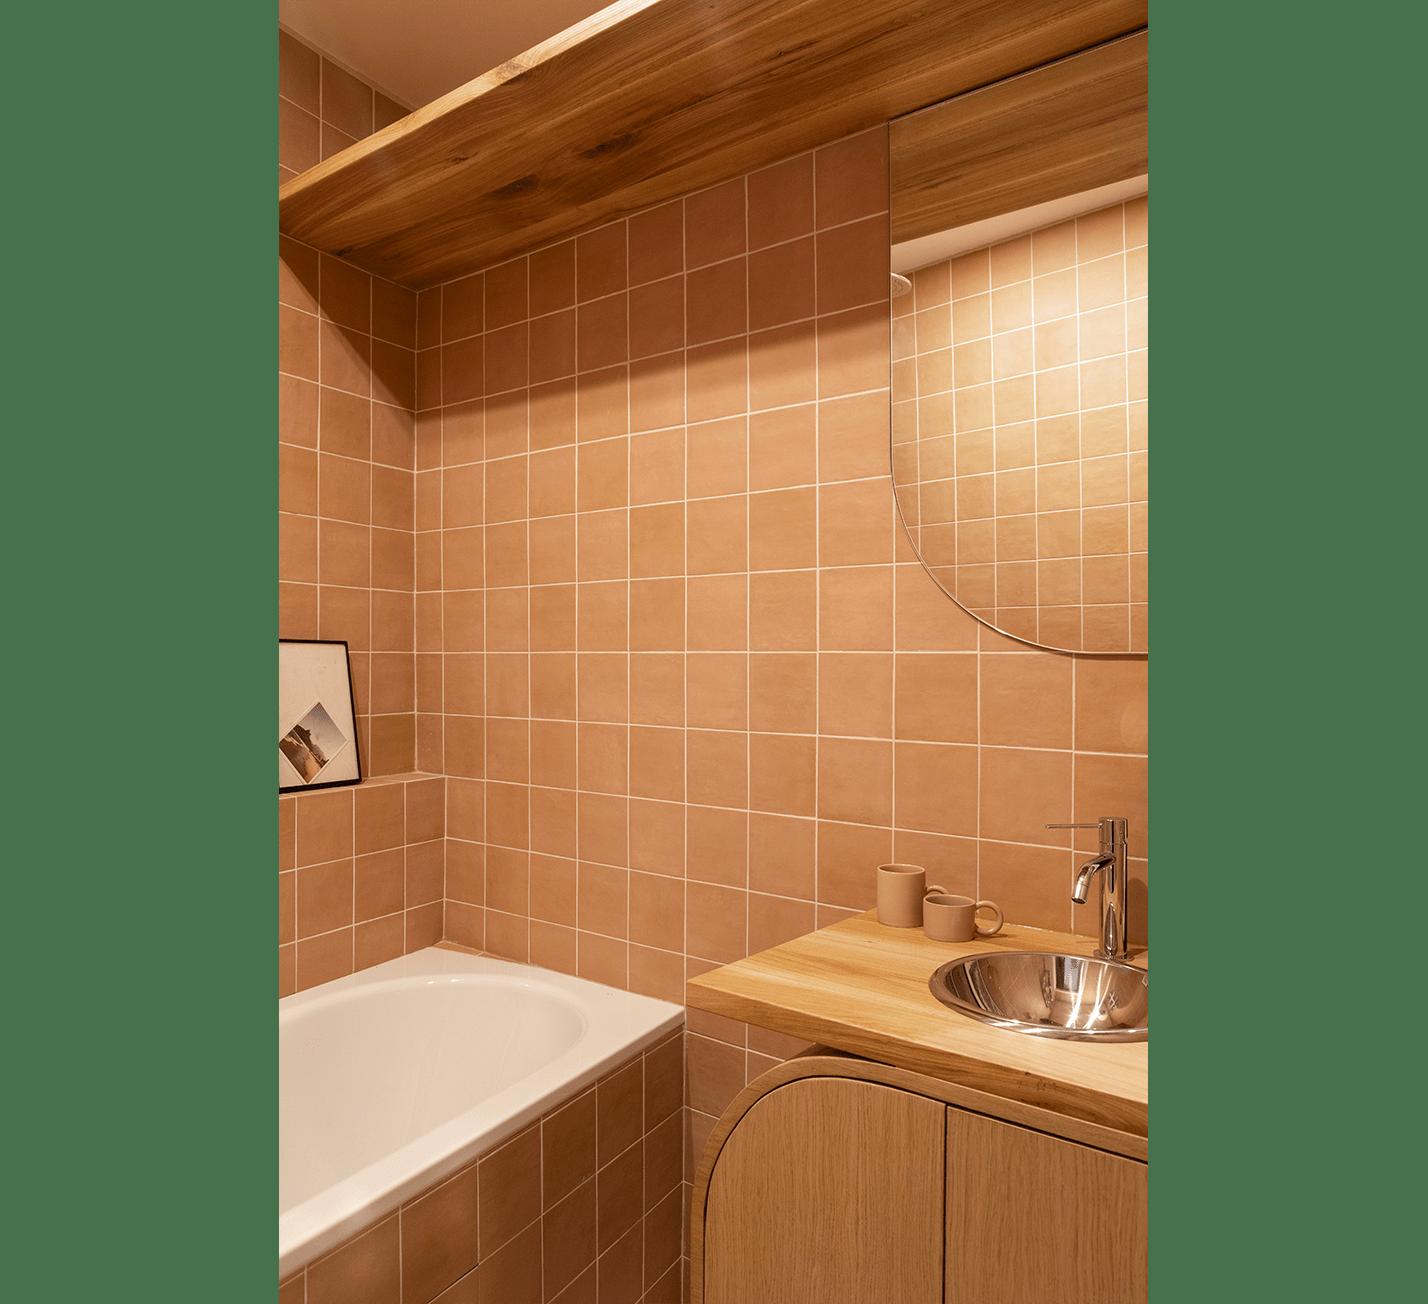 Projet-Gobelins-Atelier-Steve-Pauline-Borgia-Architecte-interieur-16-min